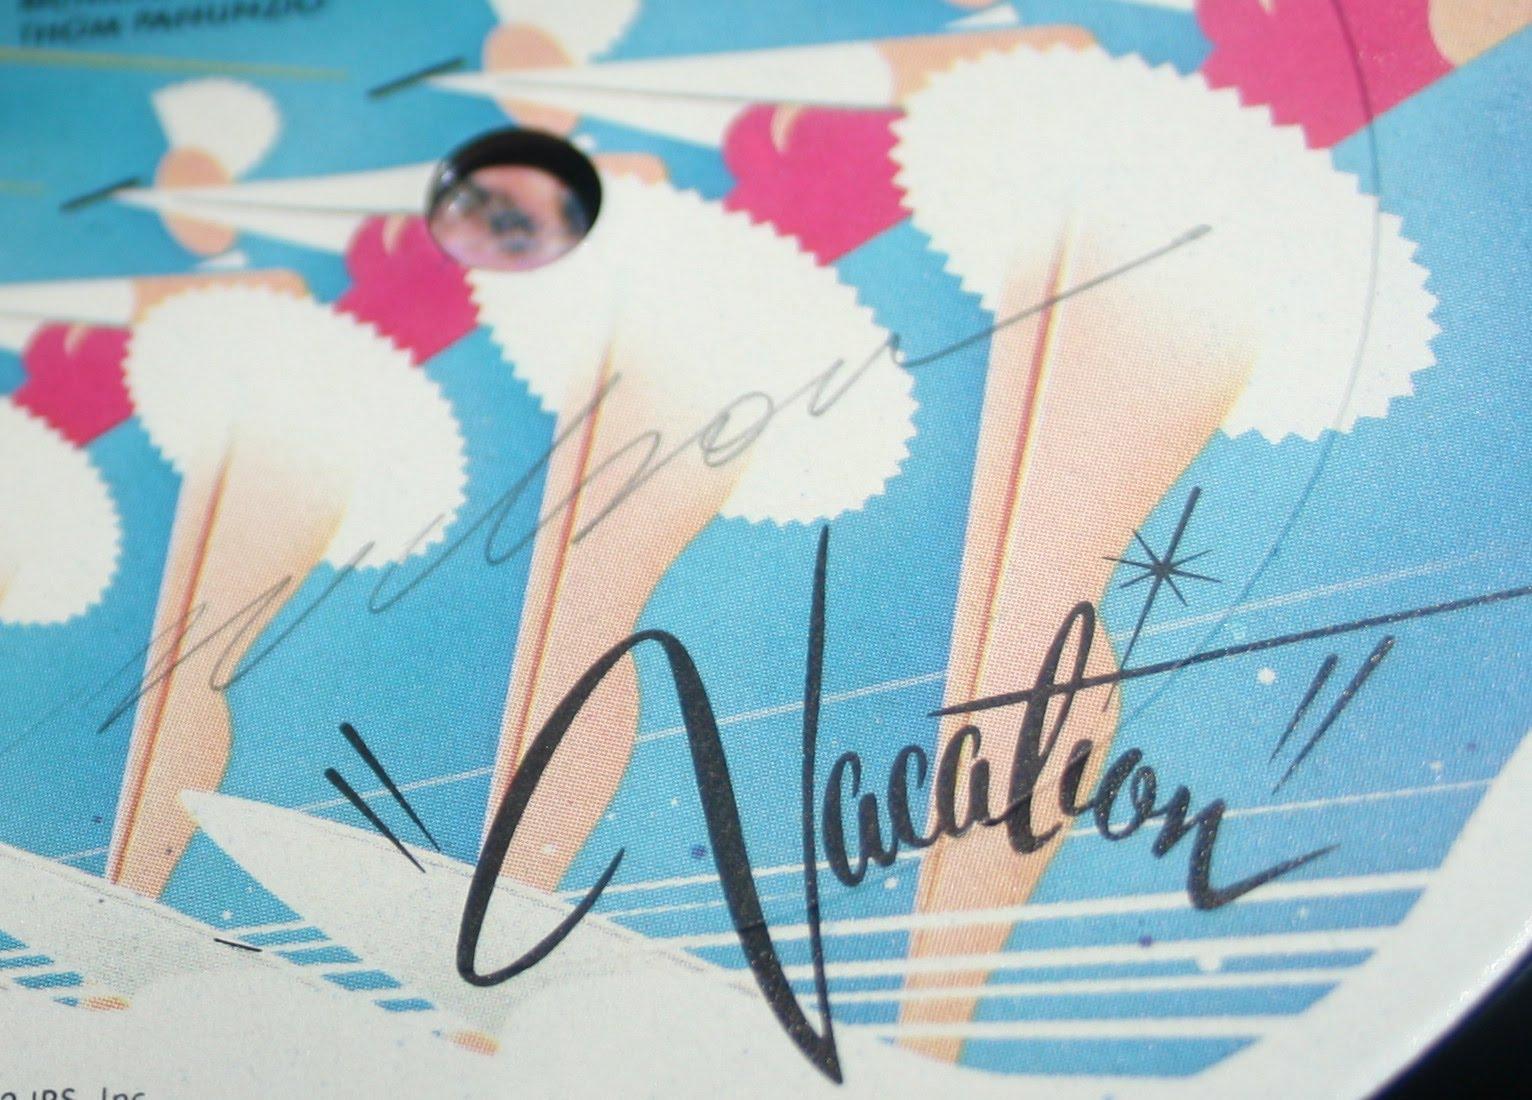 http://3.bp.blogspot.com/_Al8ag0kGo4c/TAVPIsaJ4dI/AAAAAAAAAfY/gvhJoxahMBc/s1600/vacation.jpg